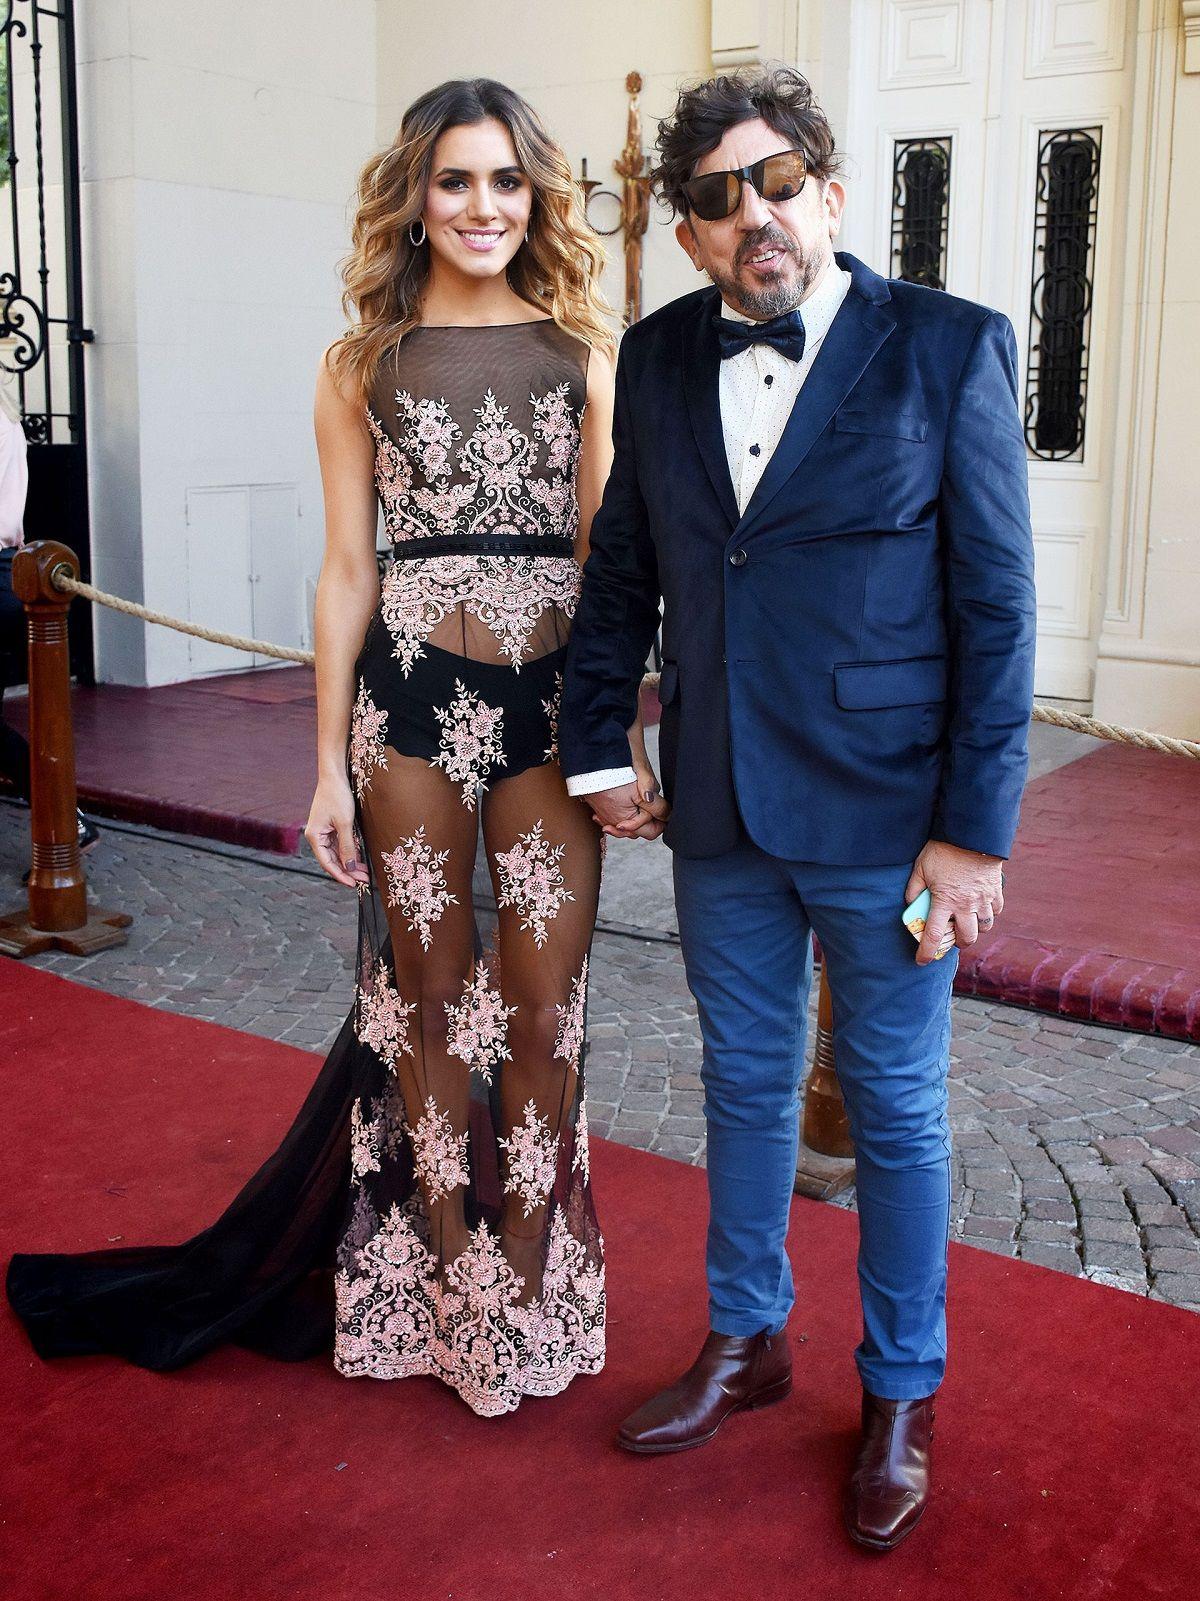 La novia de Huevo Müller insultó a Ángel de Brito